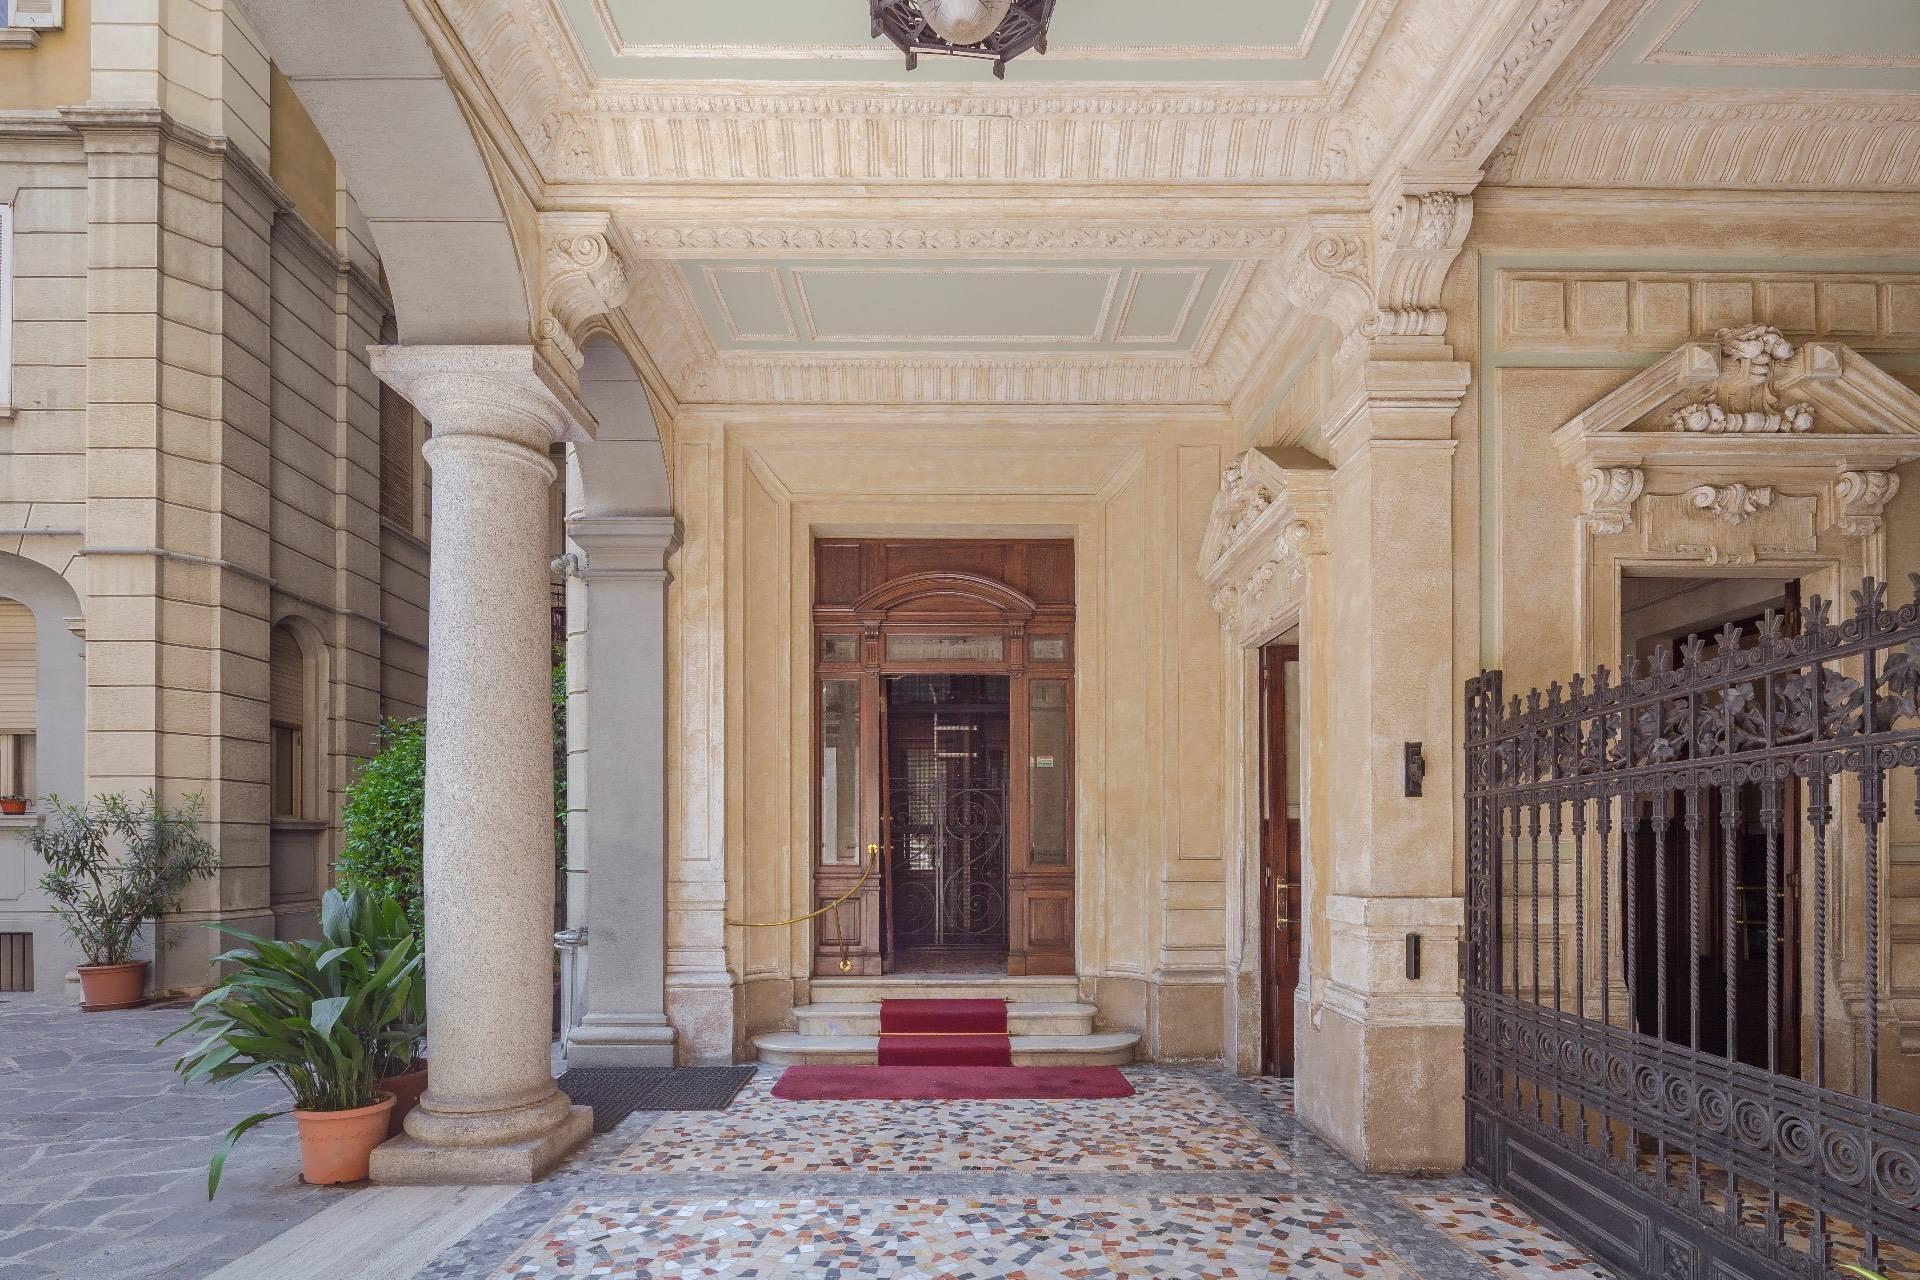 Elegante Wohnung im antiken Palast - 13